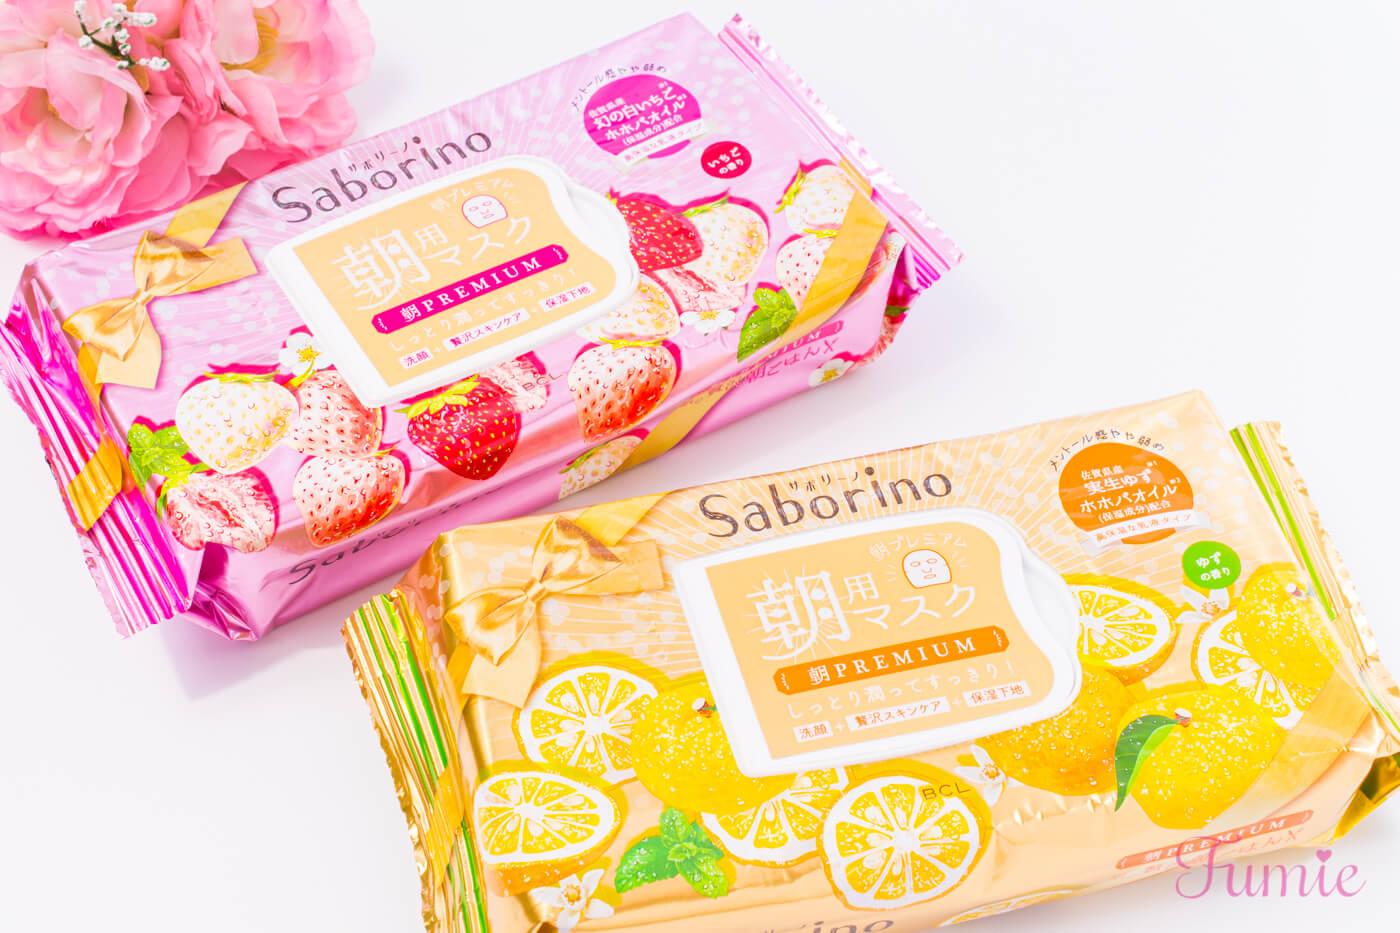 サボリーノ 目ざまシート 朝プレミアム 高保湿な乳液タイプ(ゆずの香り) と(イチゴの香り)を並べてみた